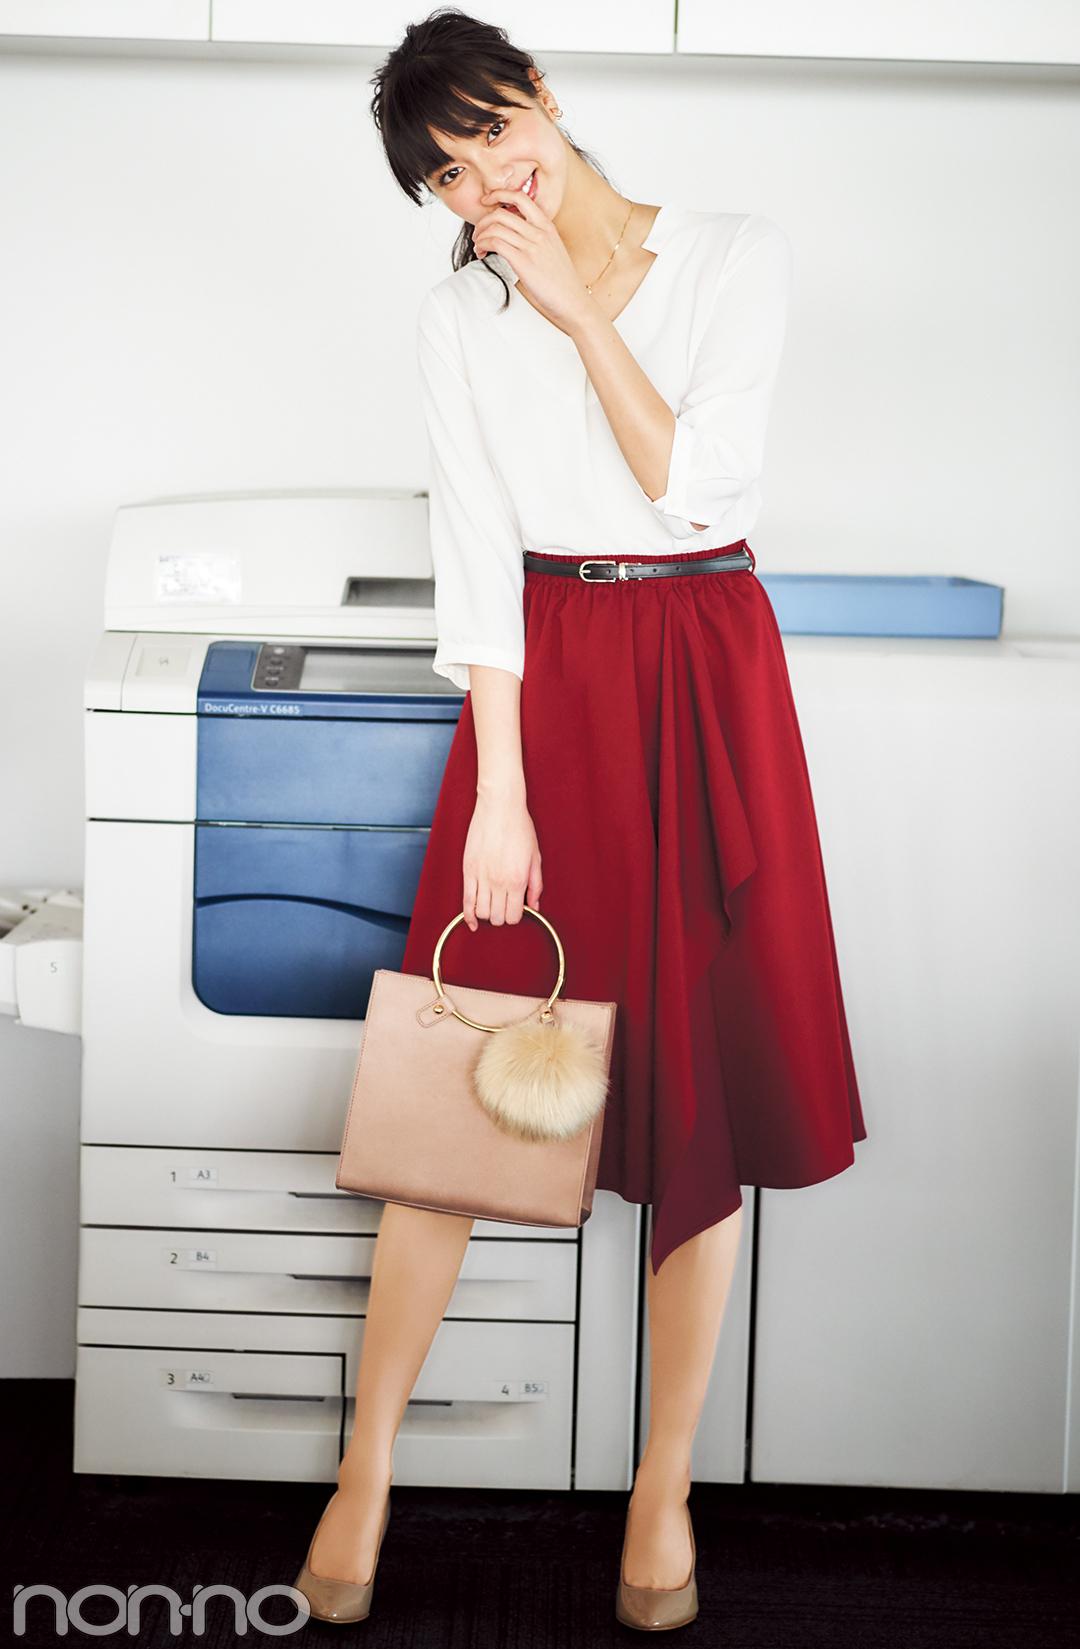 新川優愛が着る♡ オフィスコーデのスカートは、秋色で選ぶのが正解!_1_1-3